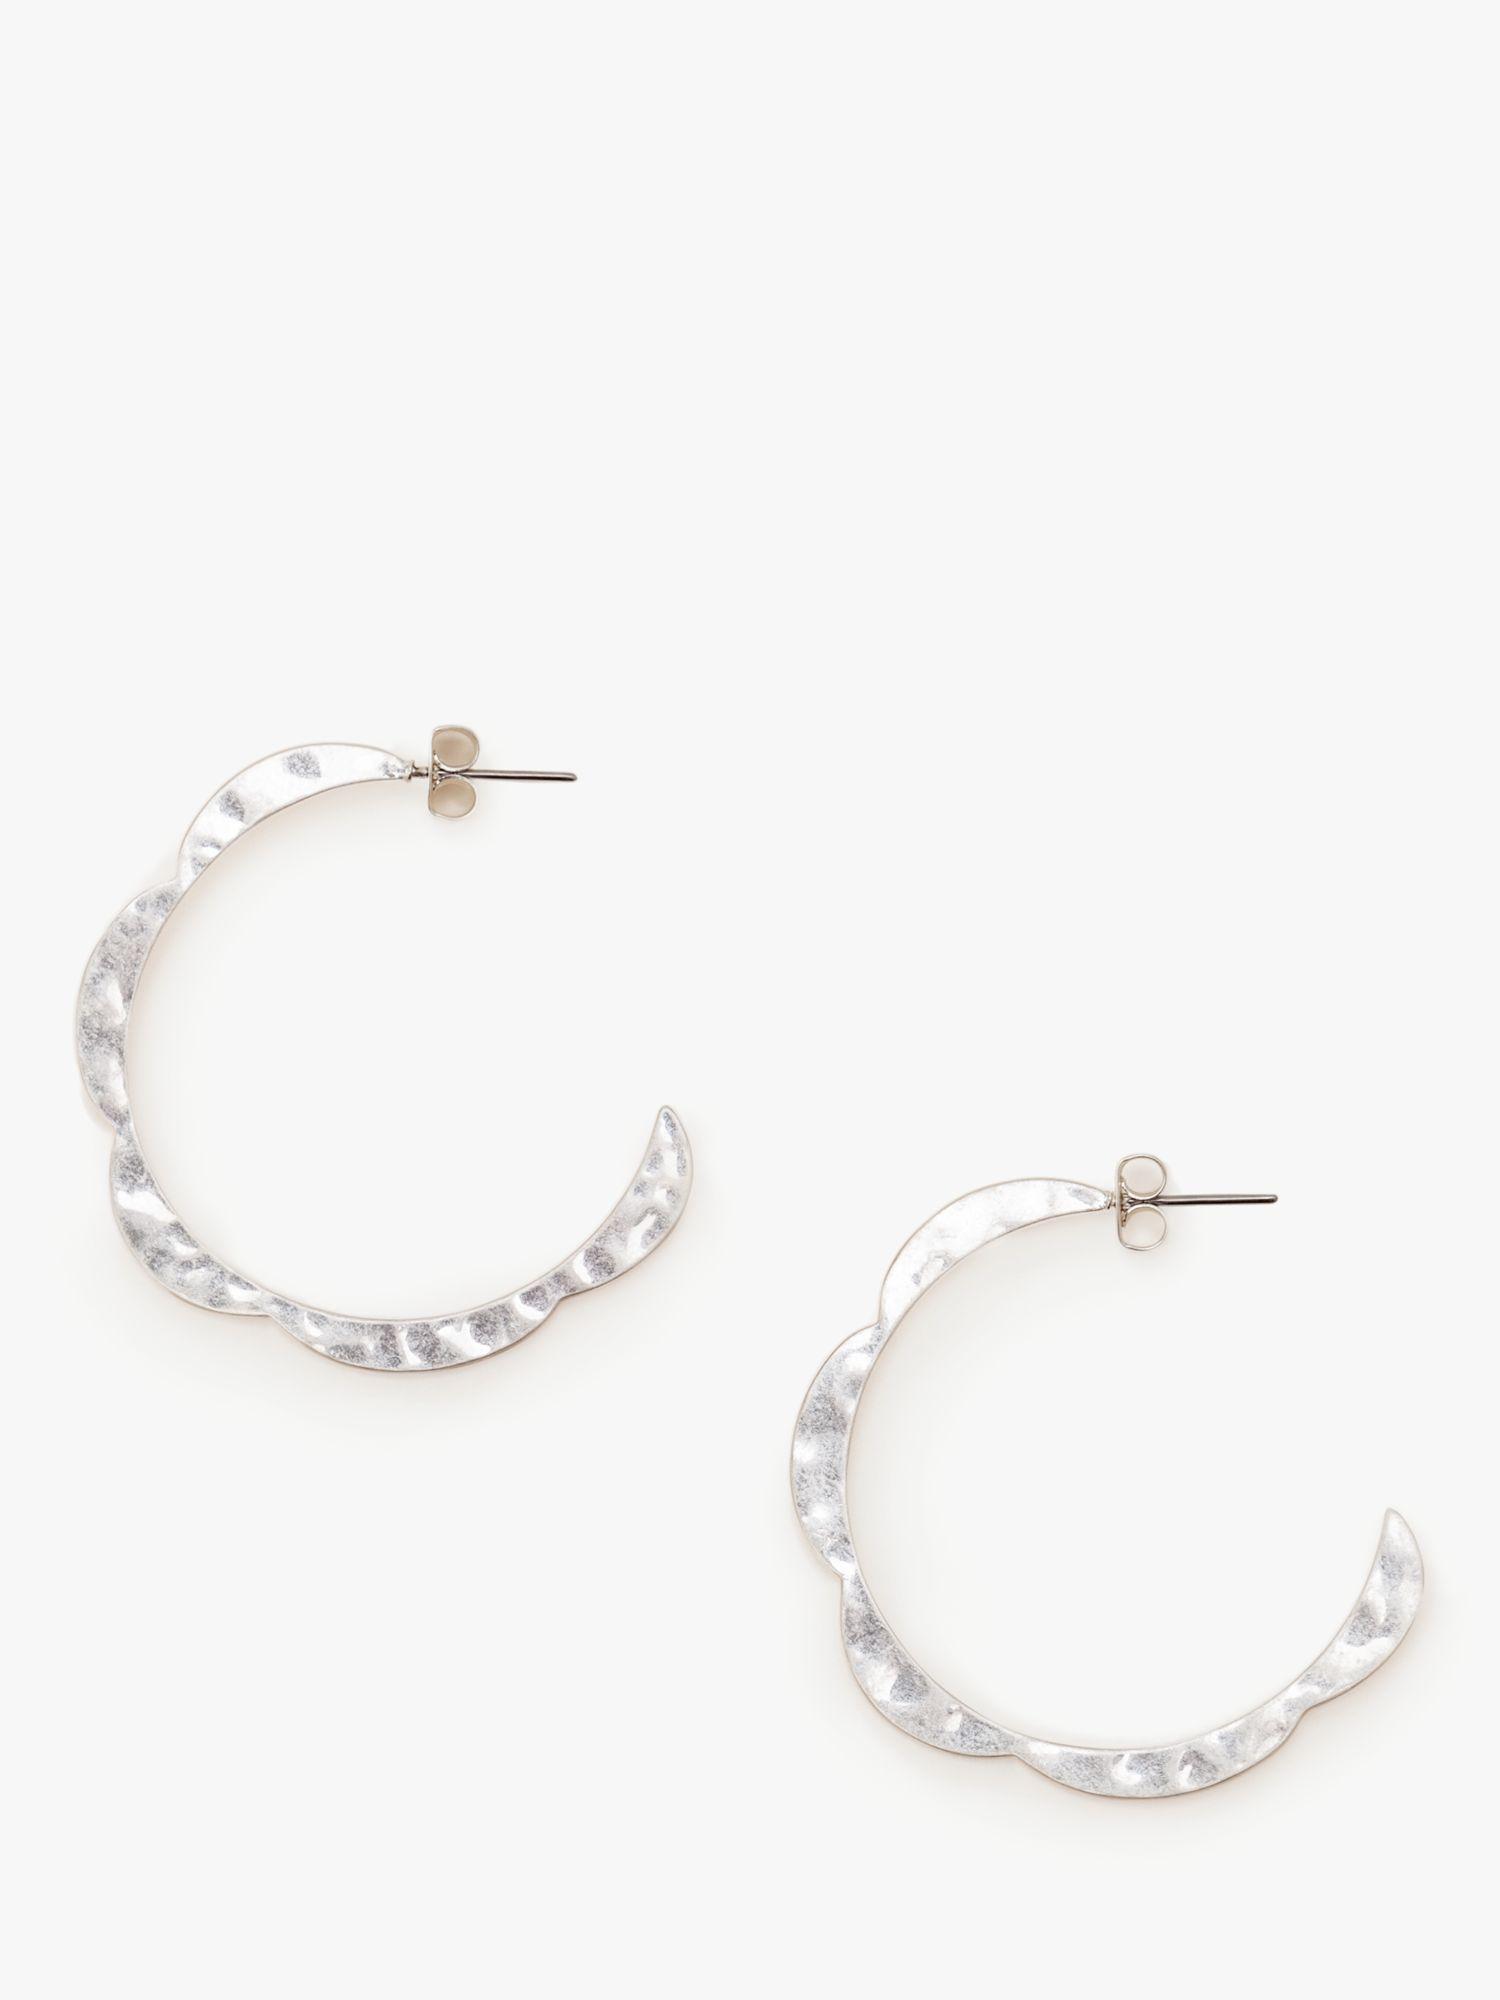 Boden Boden Scallop Hoop Earrings